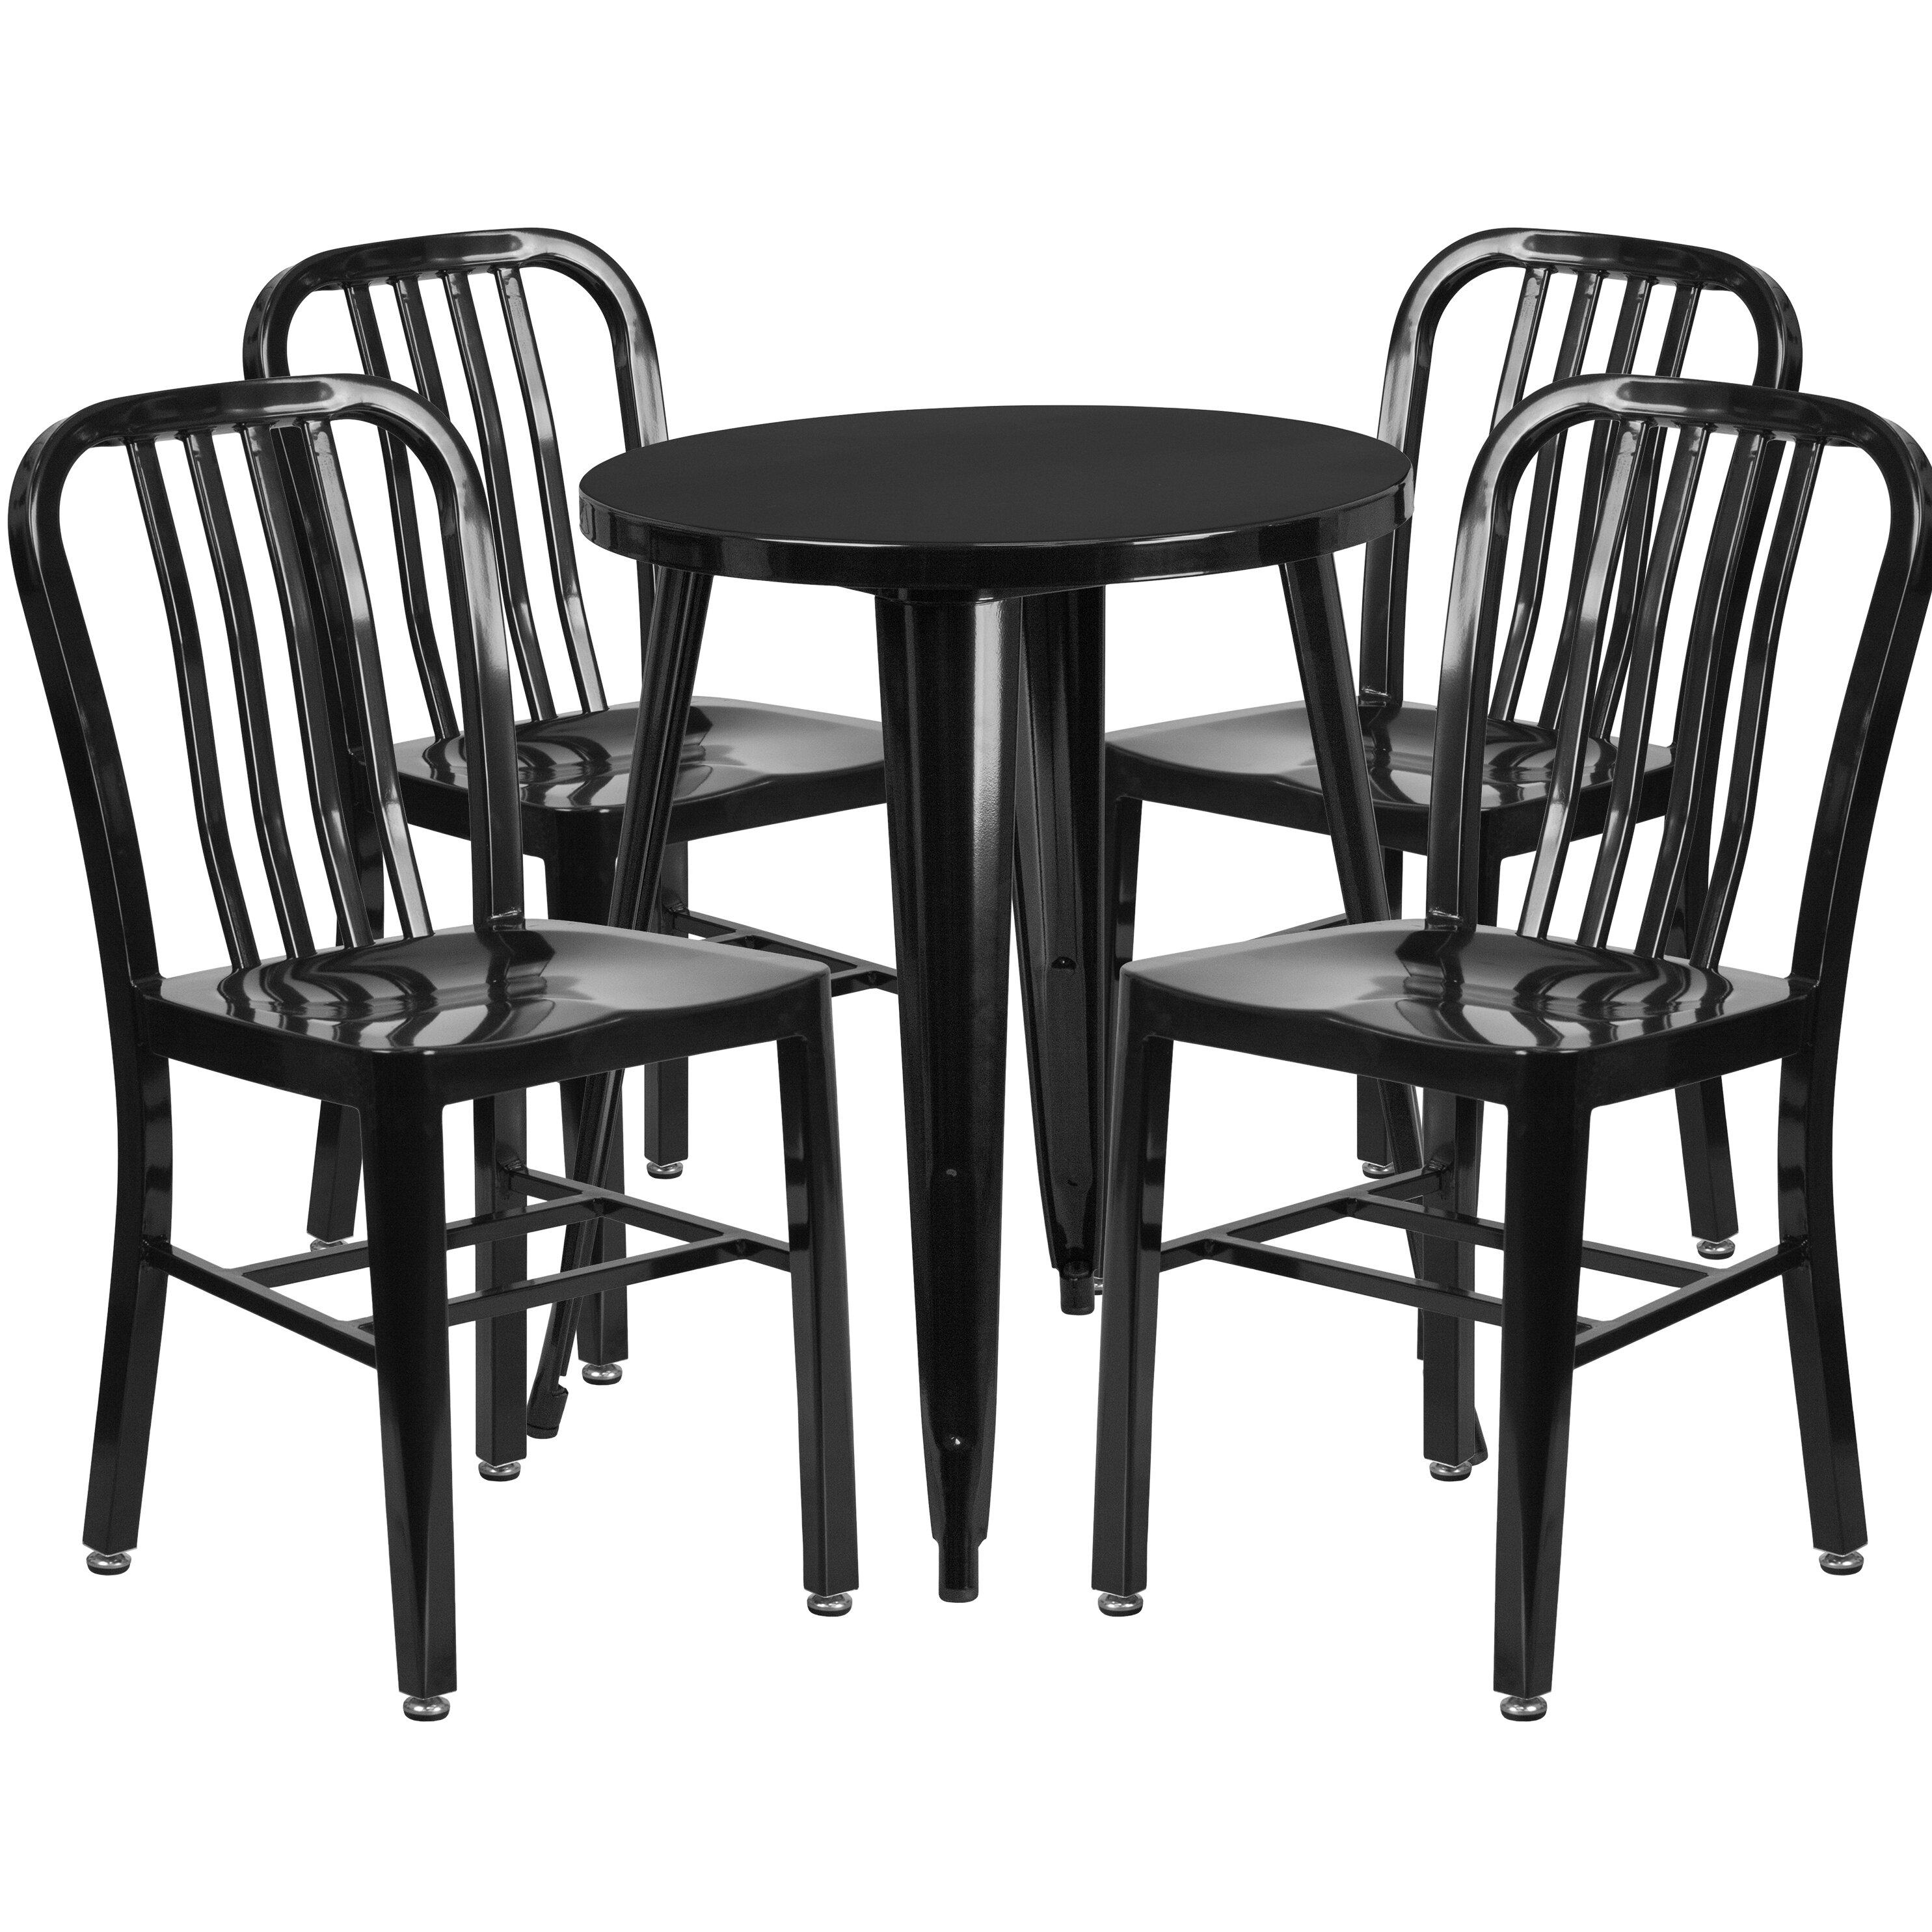 Flash furniture metal indoor outdoor 5 piece dining set for Outdoor furniture indoors